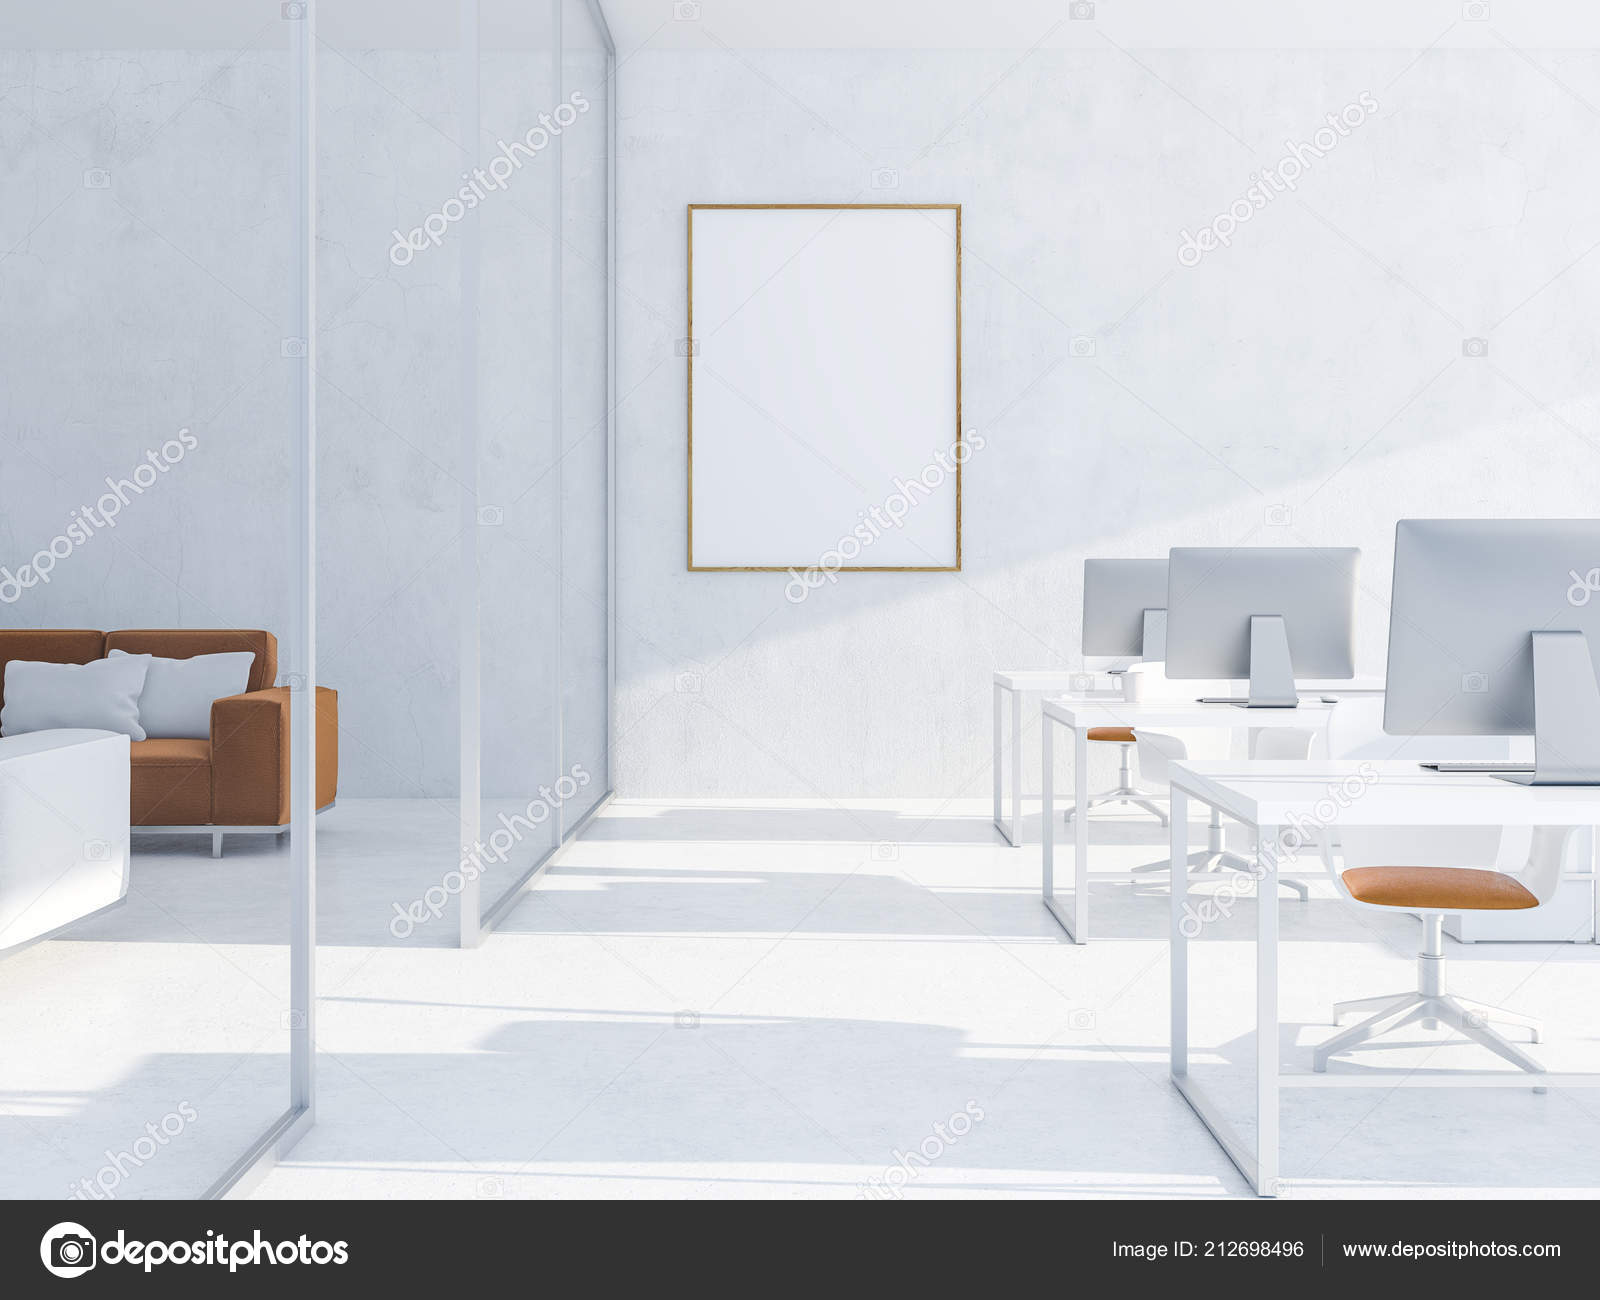 Pictures : computer desks | Modern White Office Interior ...